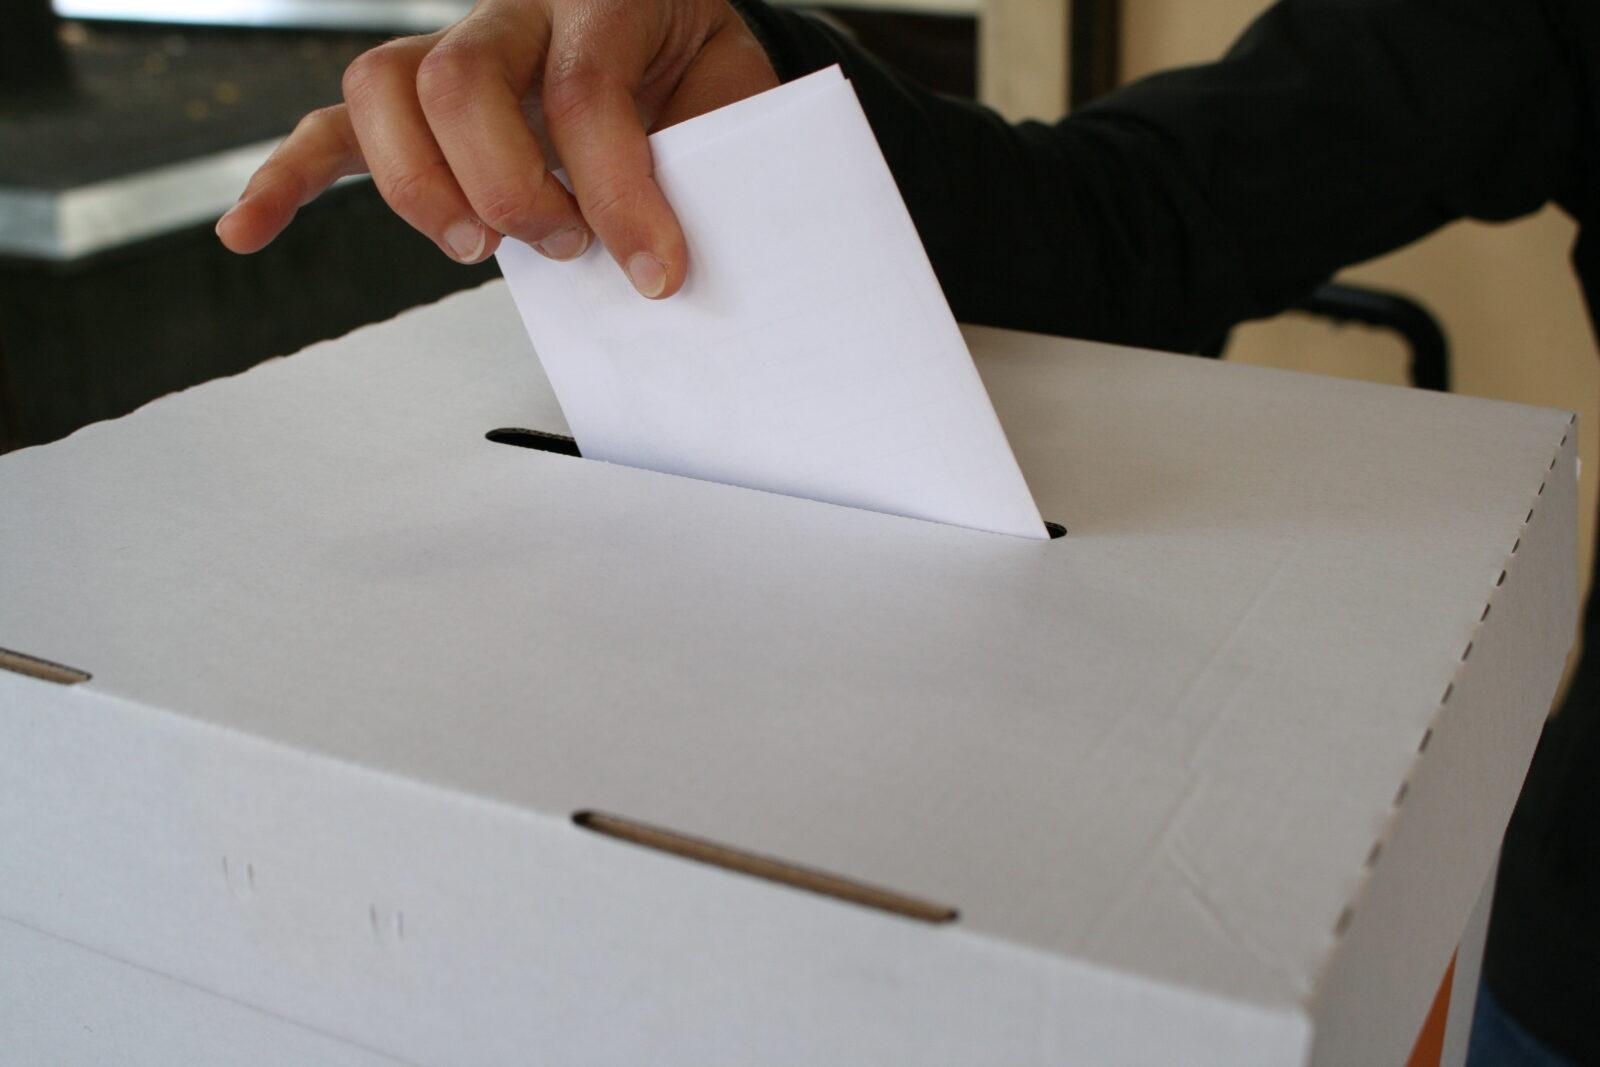 Wahlurne. Foto: Andrei Schnell